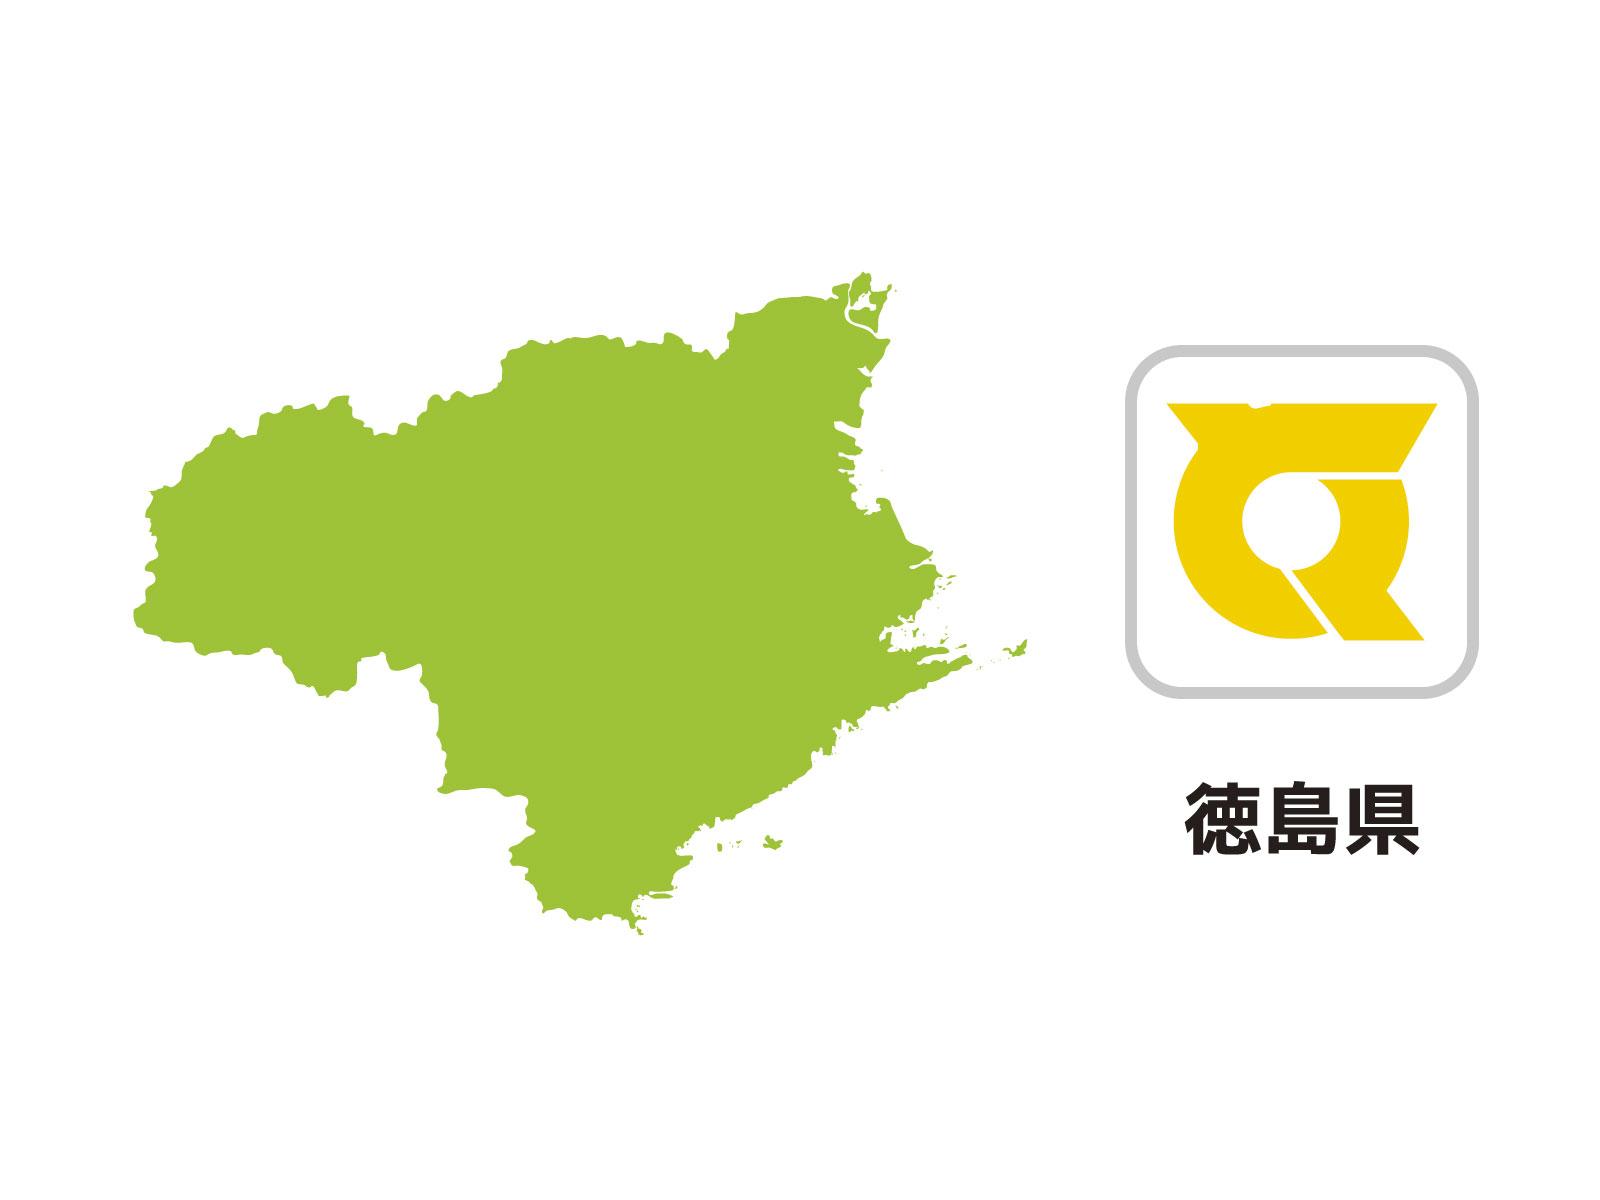 【高校受験2016】徳島県公立高校入試解答速報!